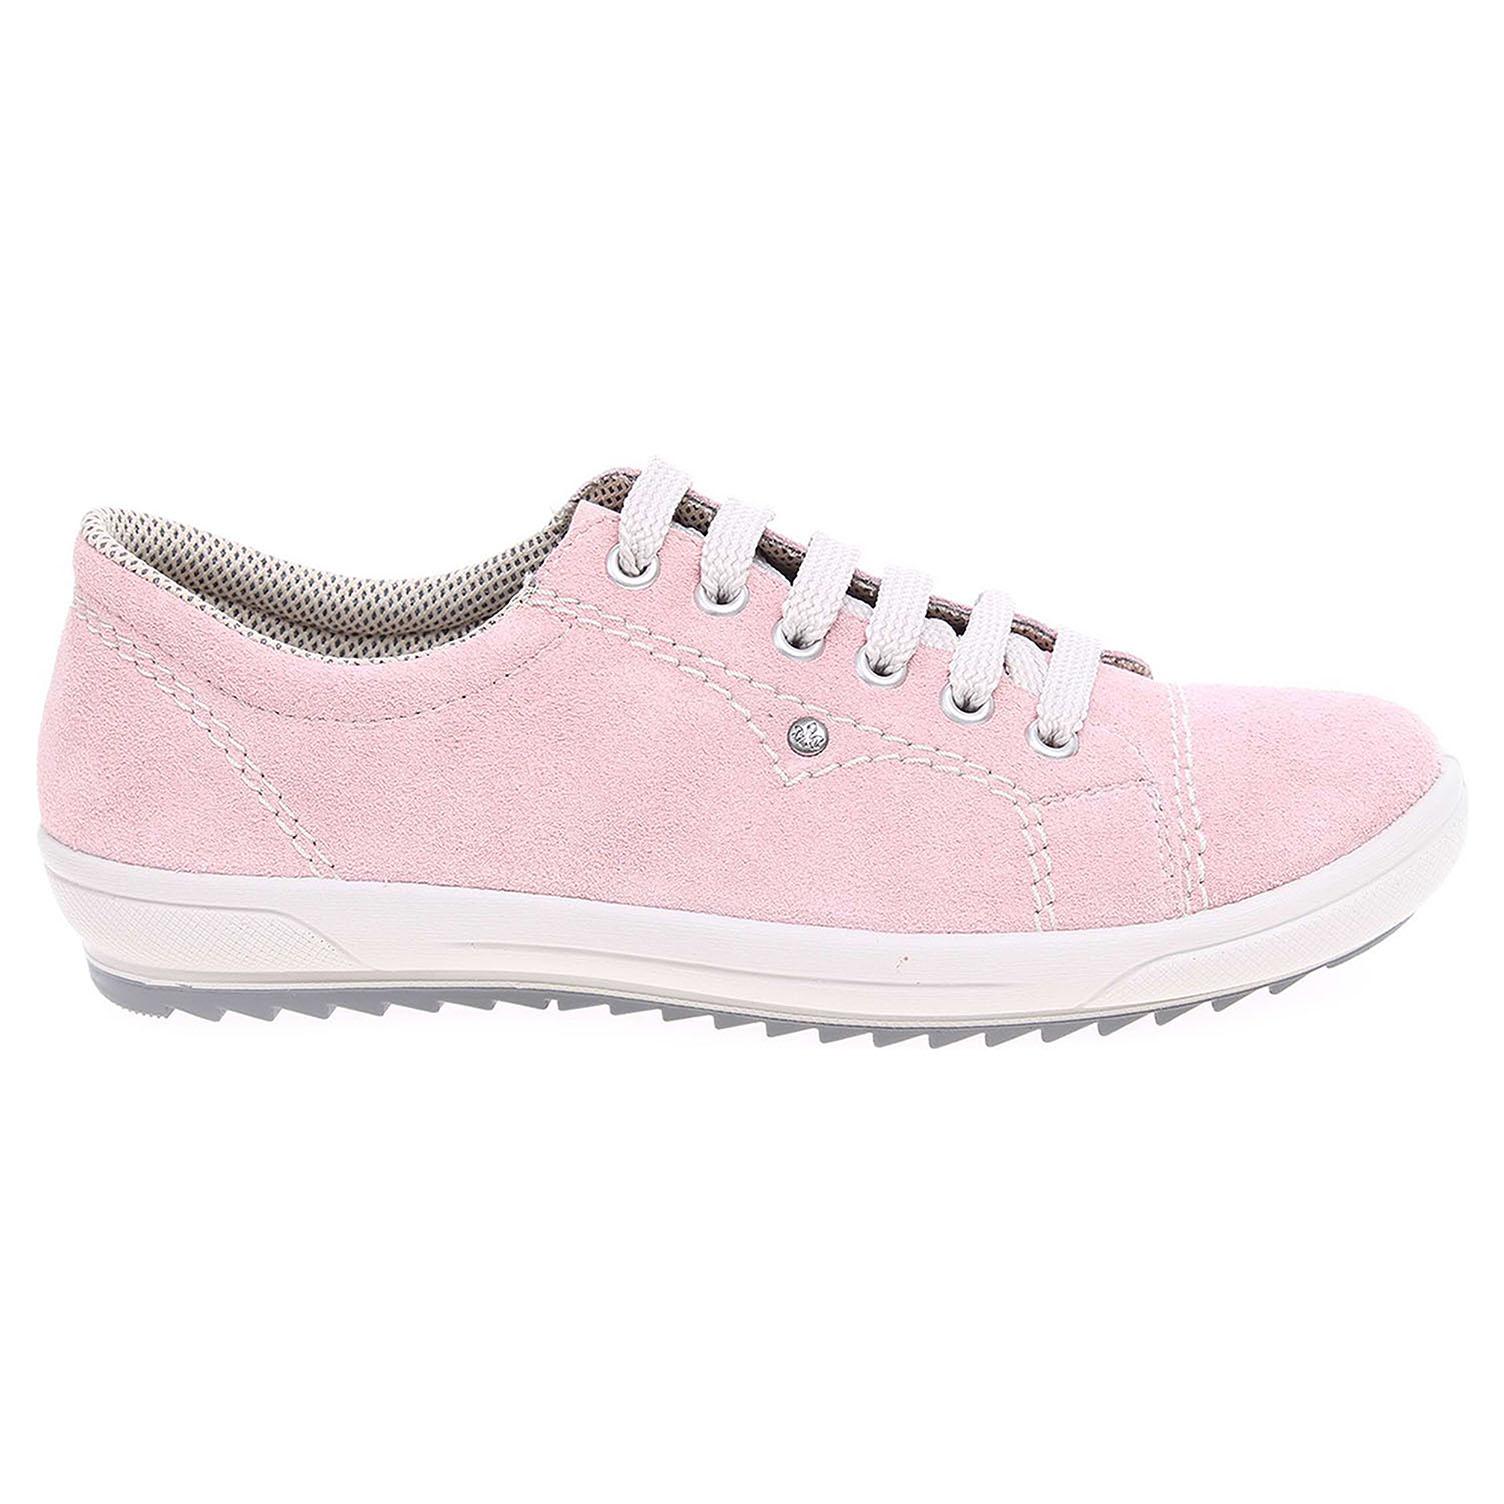 Ecco Rieker dámská obuv M6014-31 růžová 23200641 ec3c76477ae